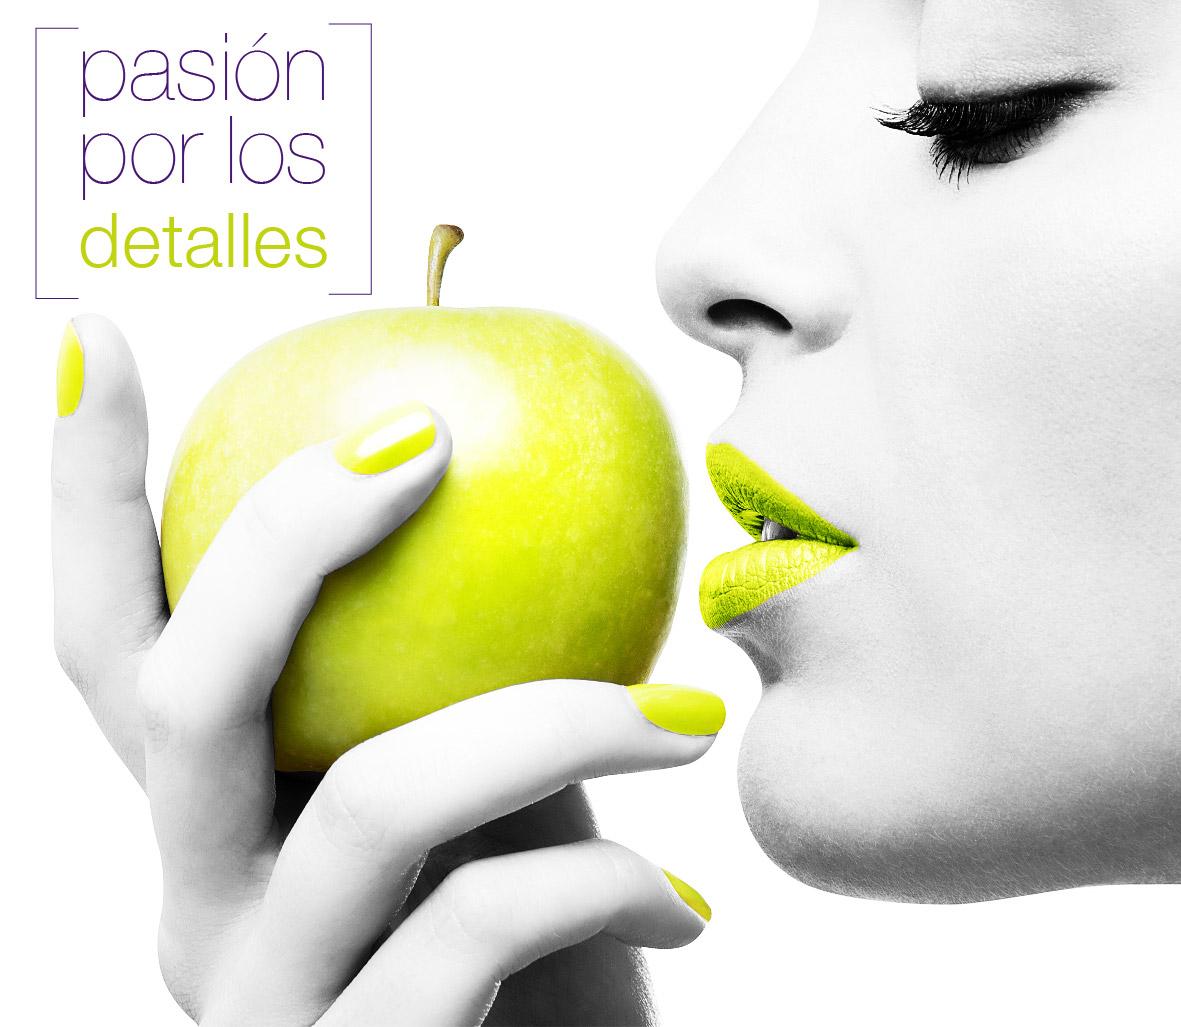 tempo_pasion_por_los_detalles